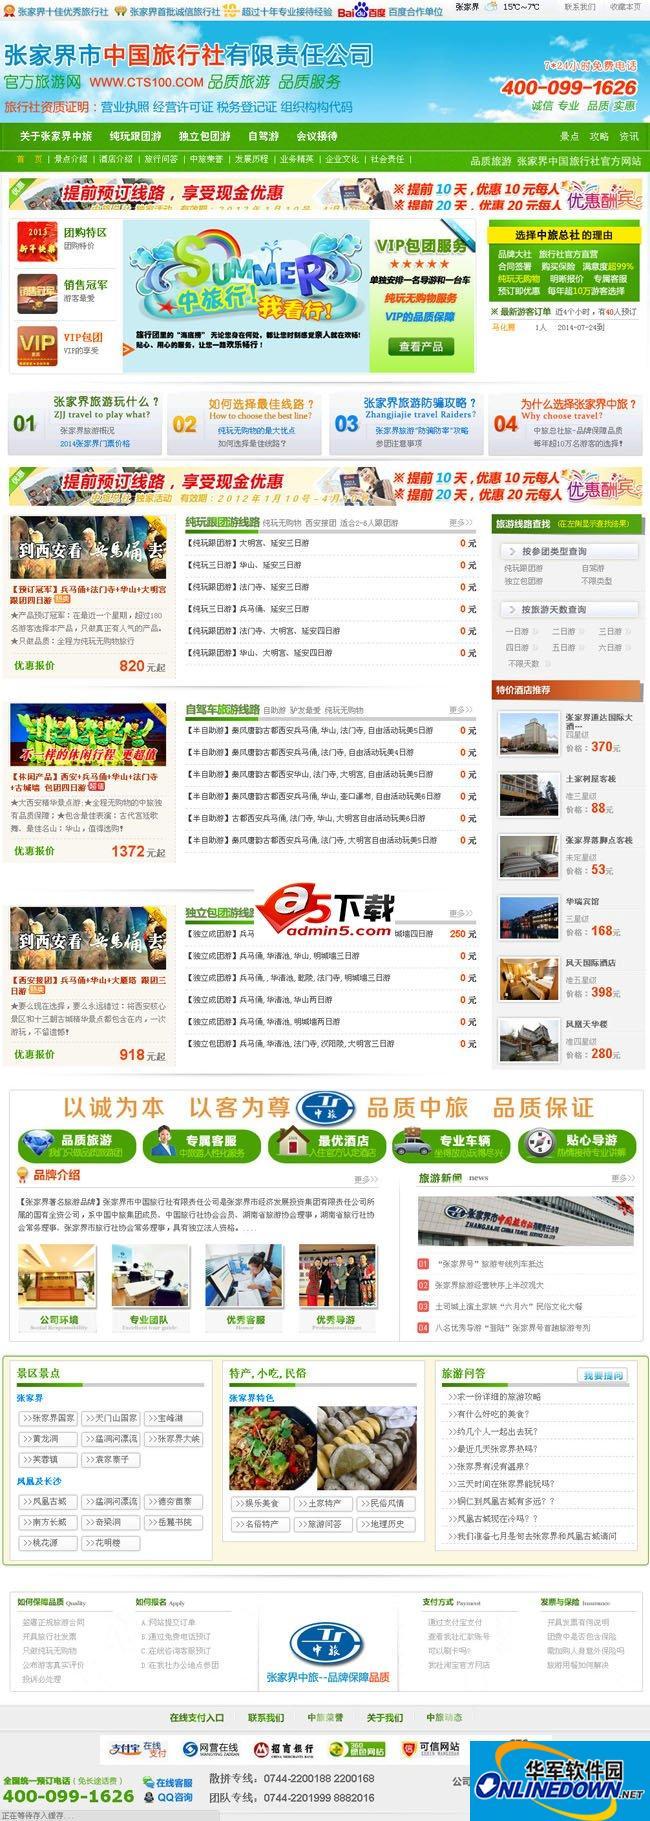 飞思旅游网站管理系统 3.1